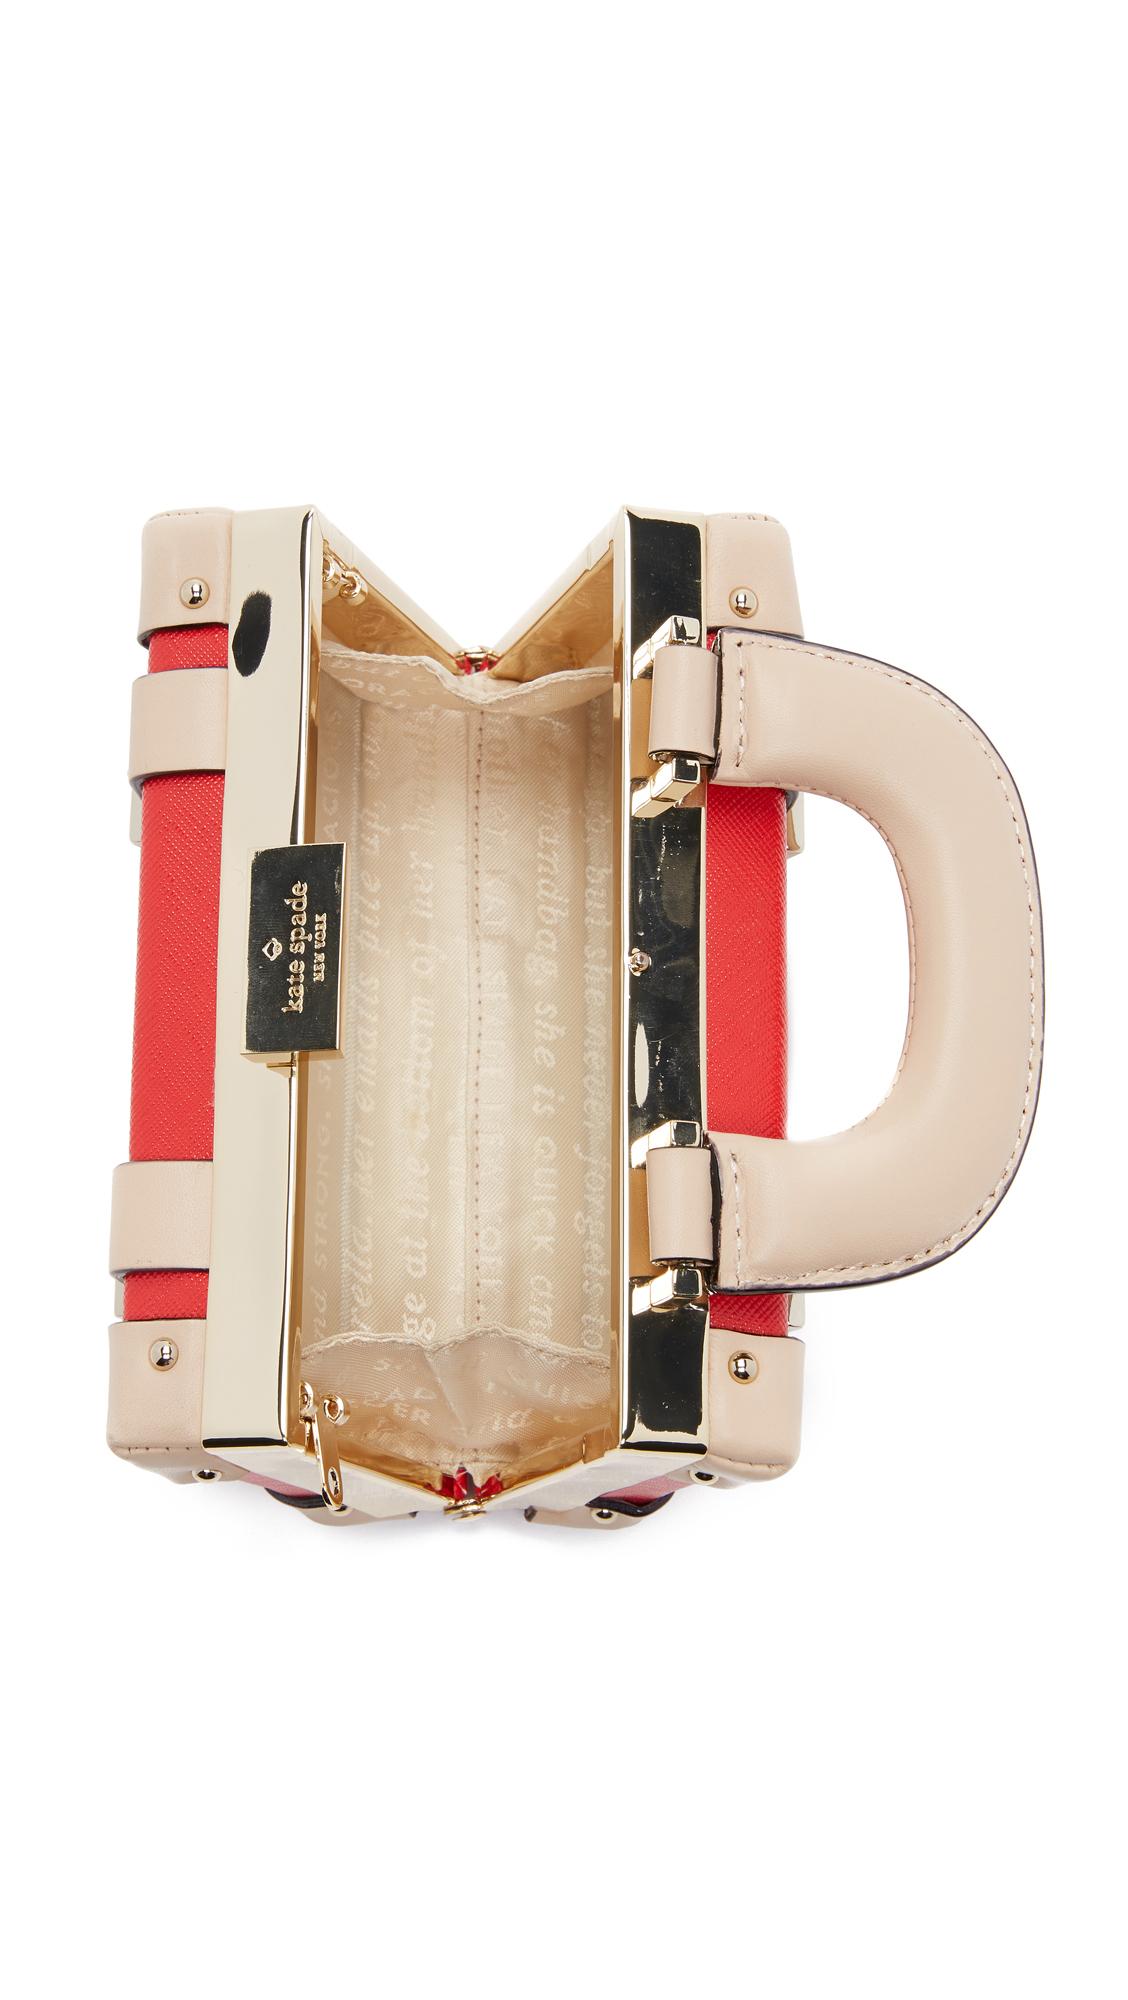 Kate Spade Mini Luggage Cross Body Bag in Red